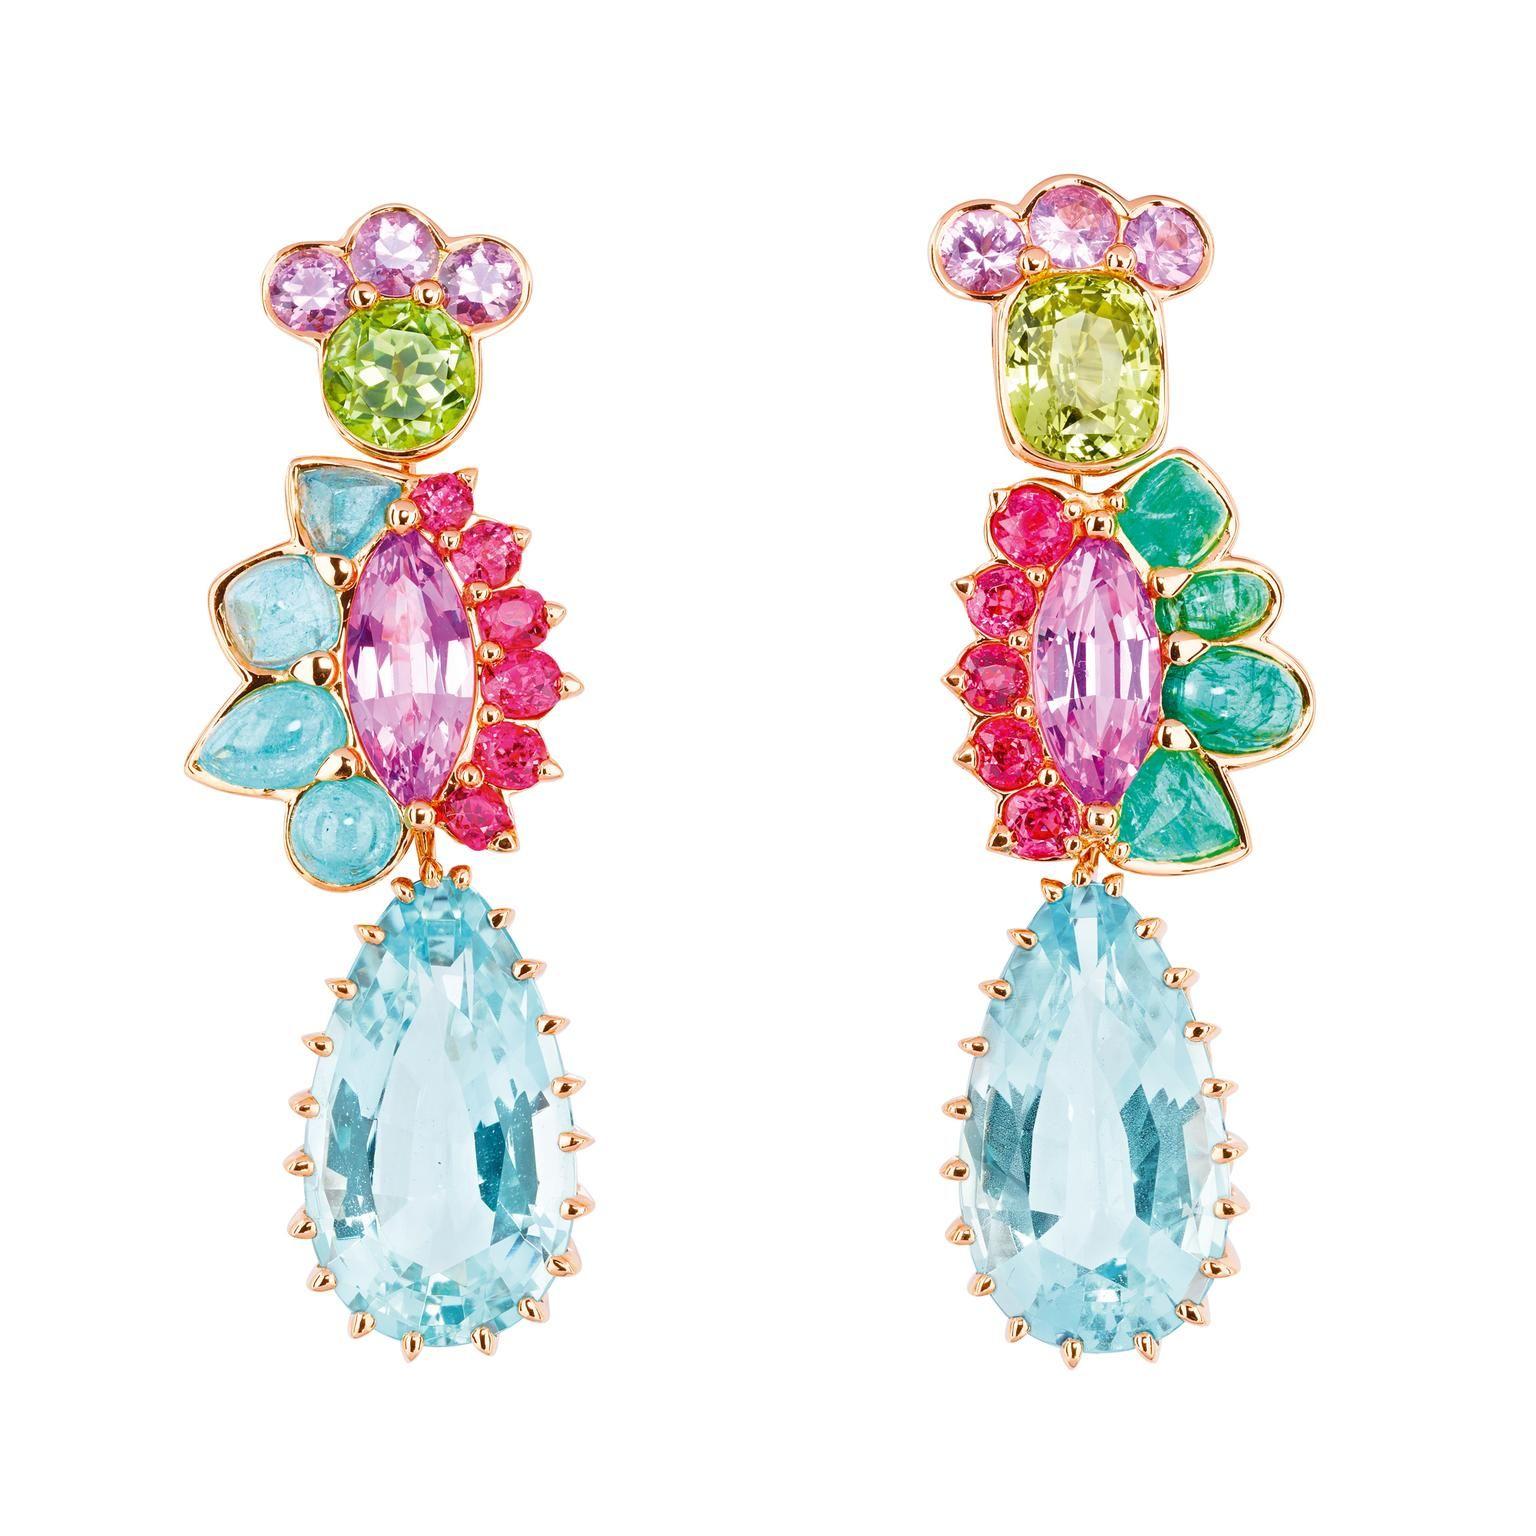 Dior Granville Aigue marine earrings